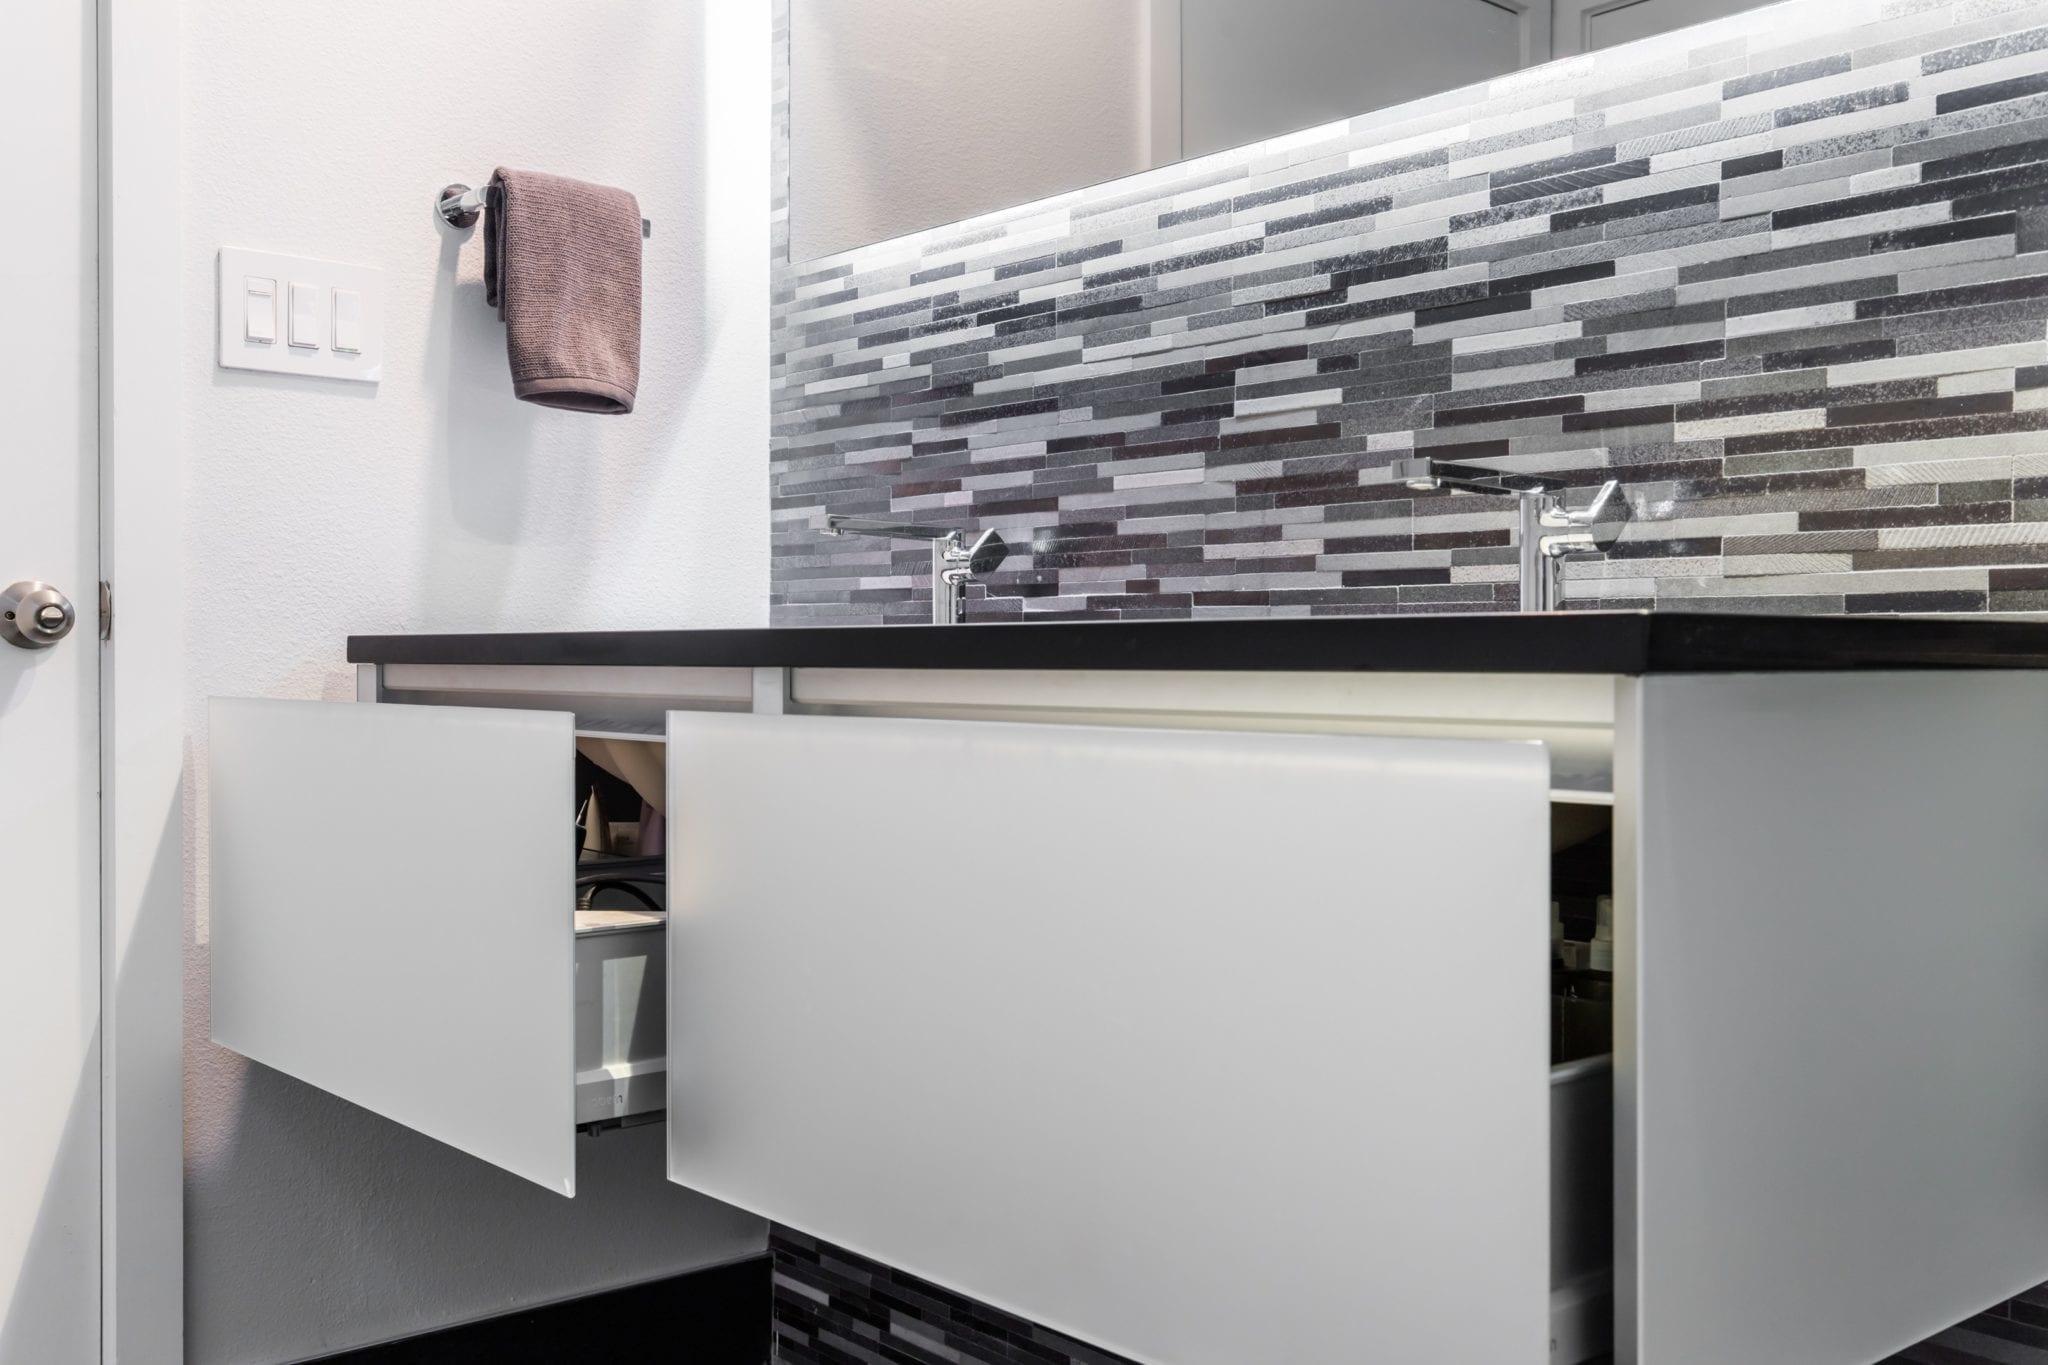 Westside Condo Bathroom Remodel Kohler Cartesian Vanity